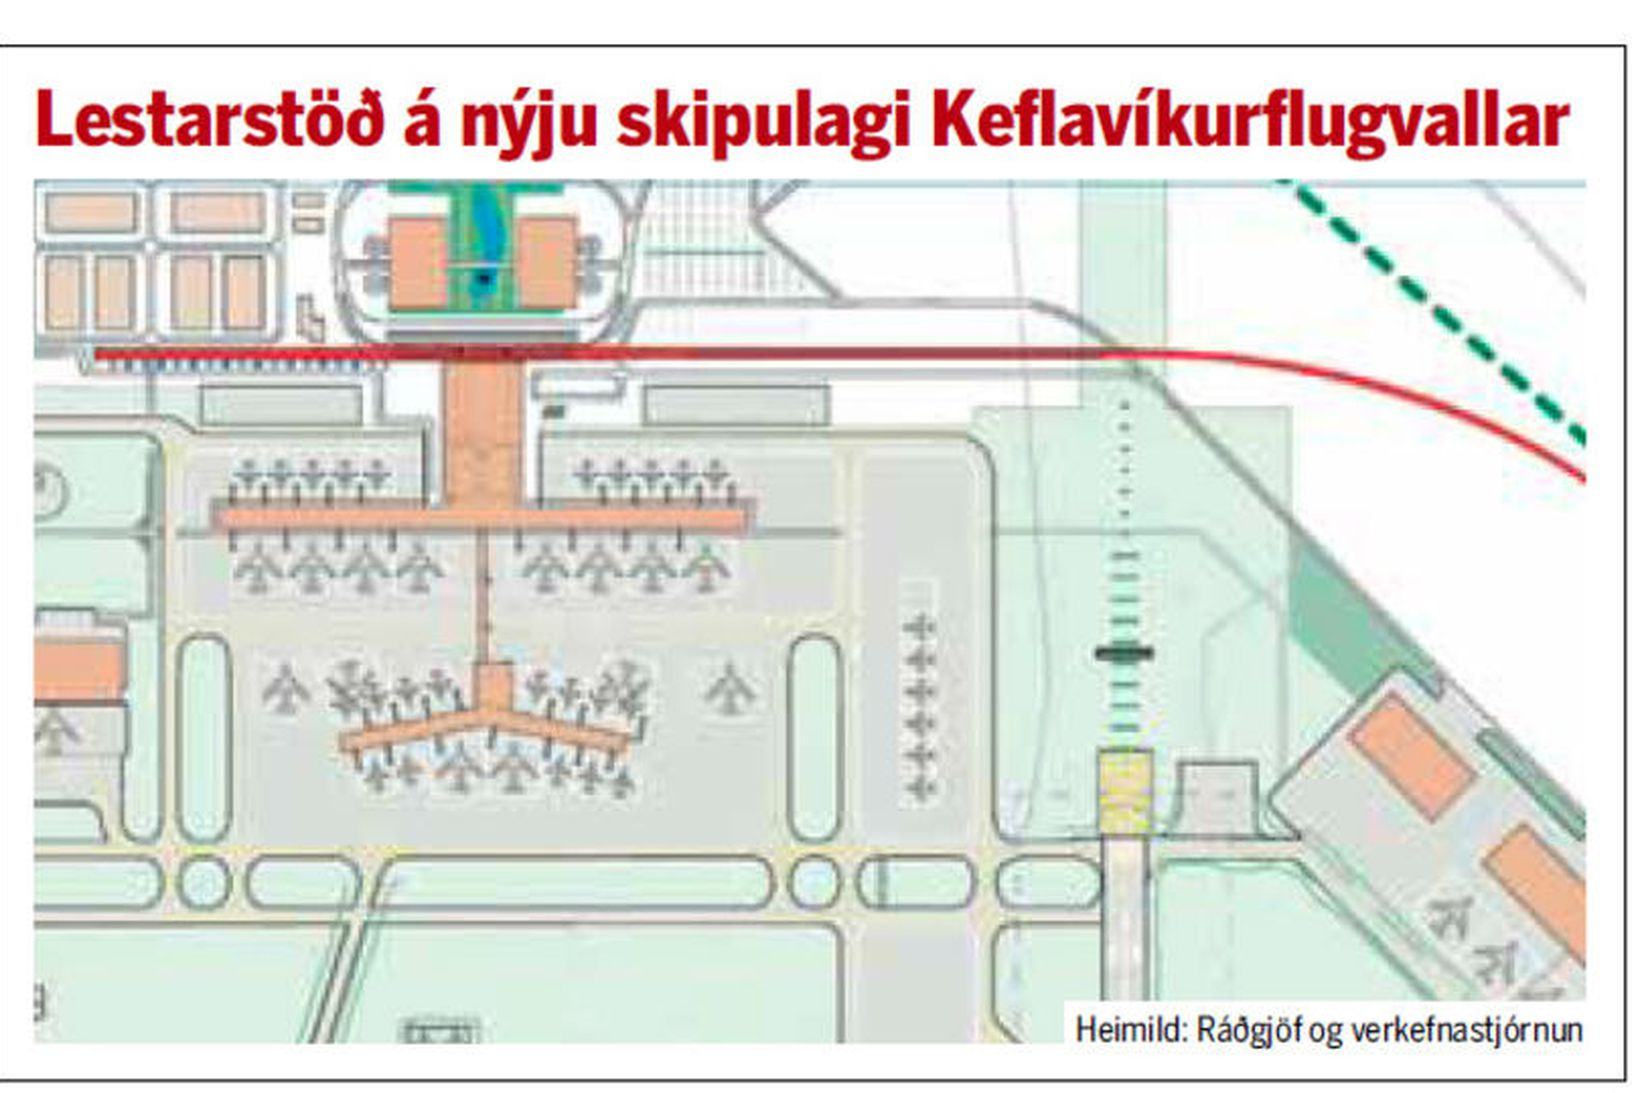 Sjá má lestarlínuna og stöðina á myndinni í rauðum lit.